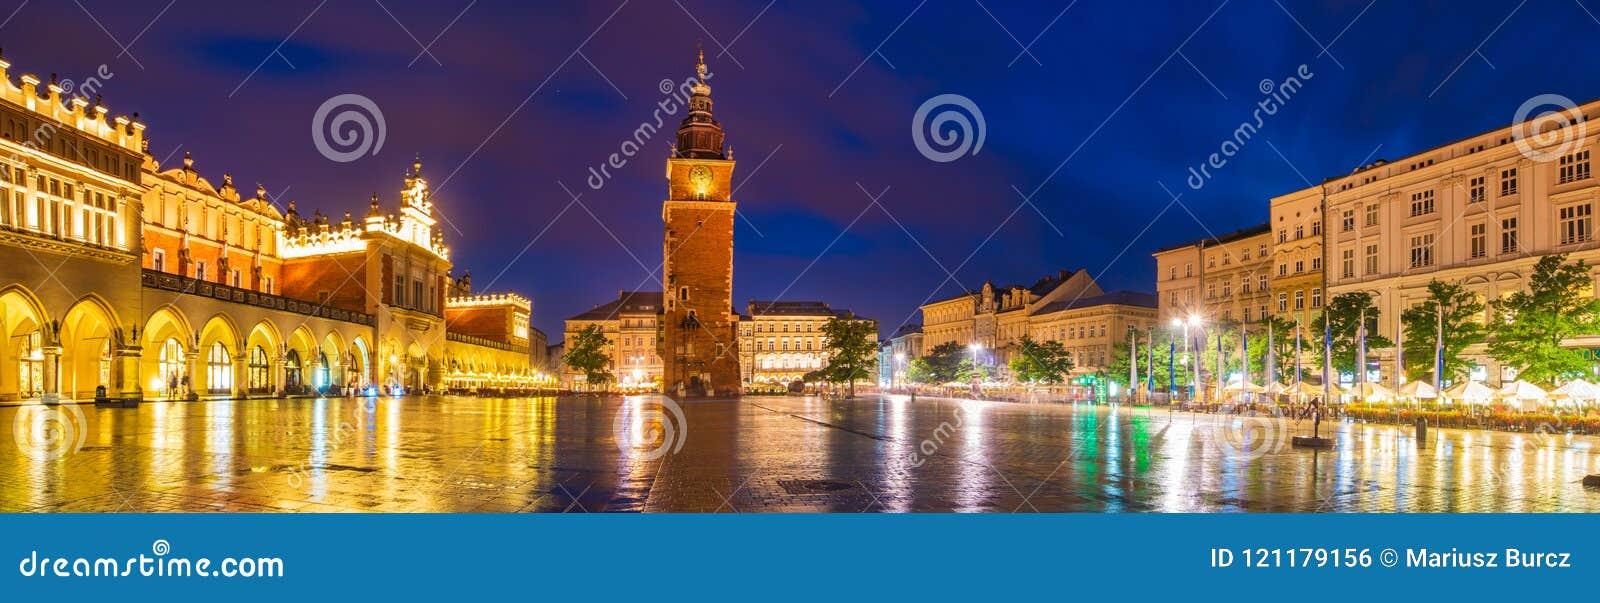 Κρακοβία, Πολωνία τον Ιούνιο του 2018: Sukiennice τή νύχτα, κύριο τετράγωνο αγοράς